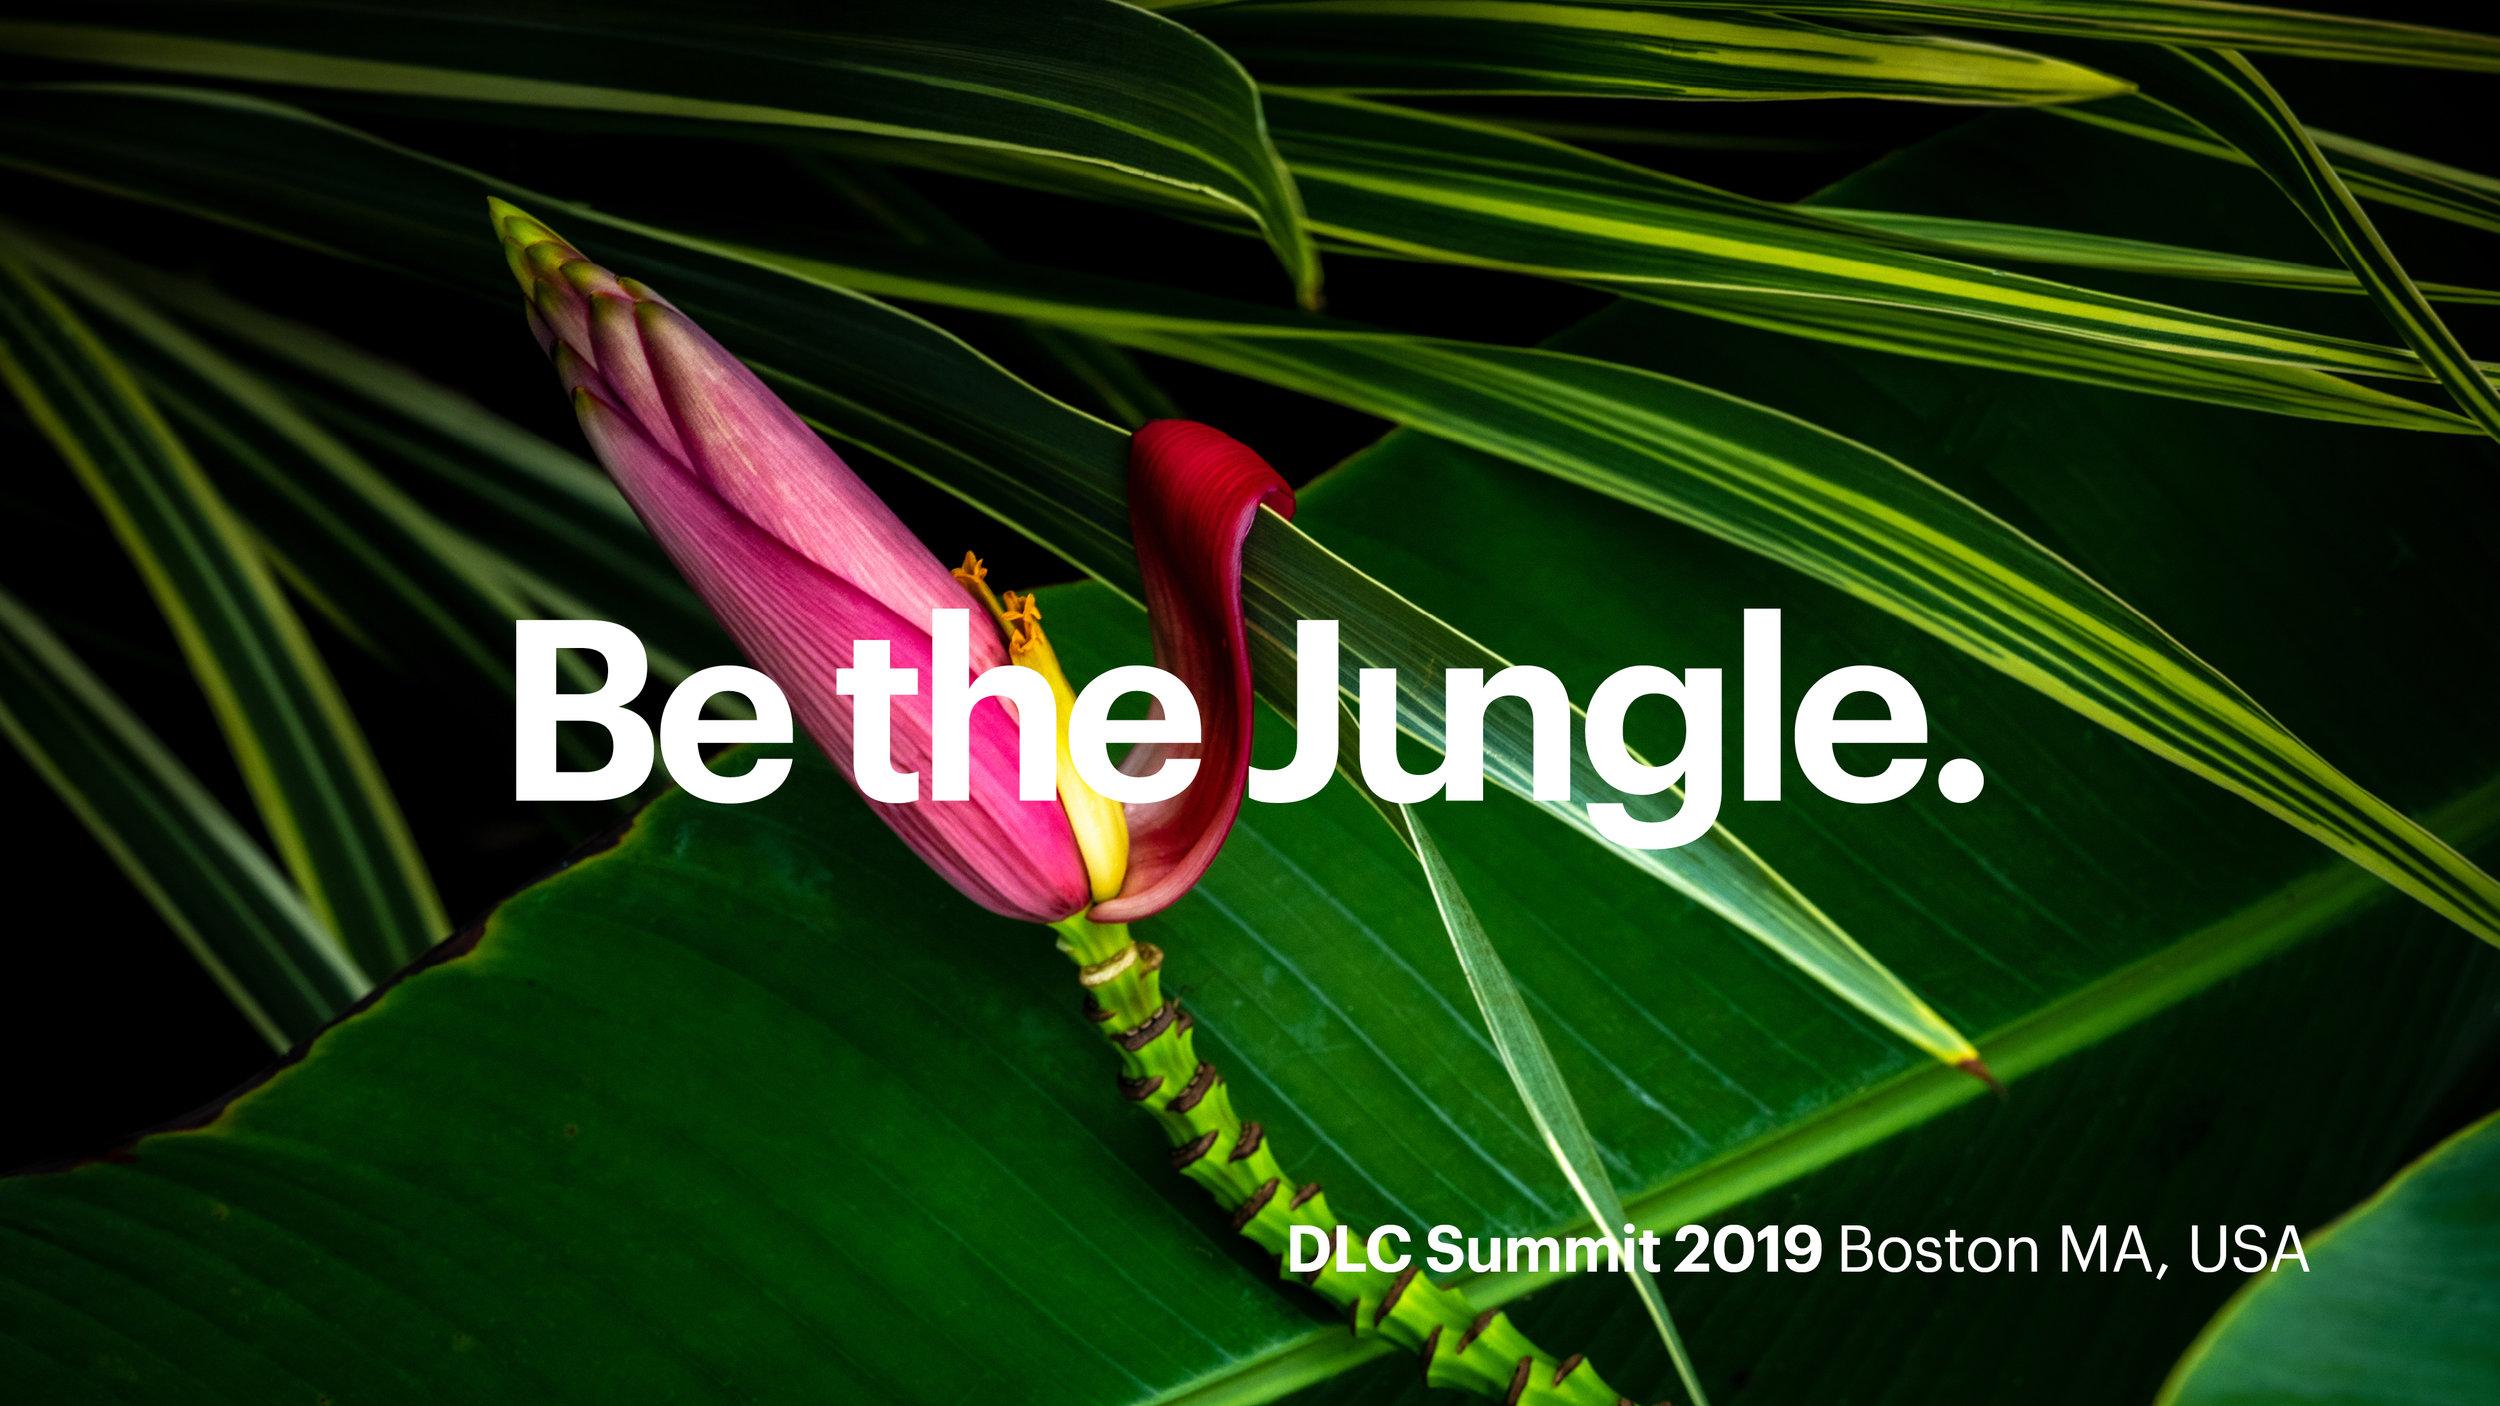 Jungle_HoldingSlides-v1_0407192.jpg